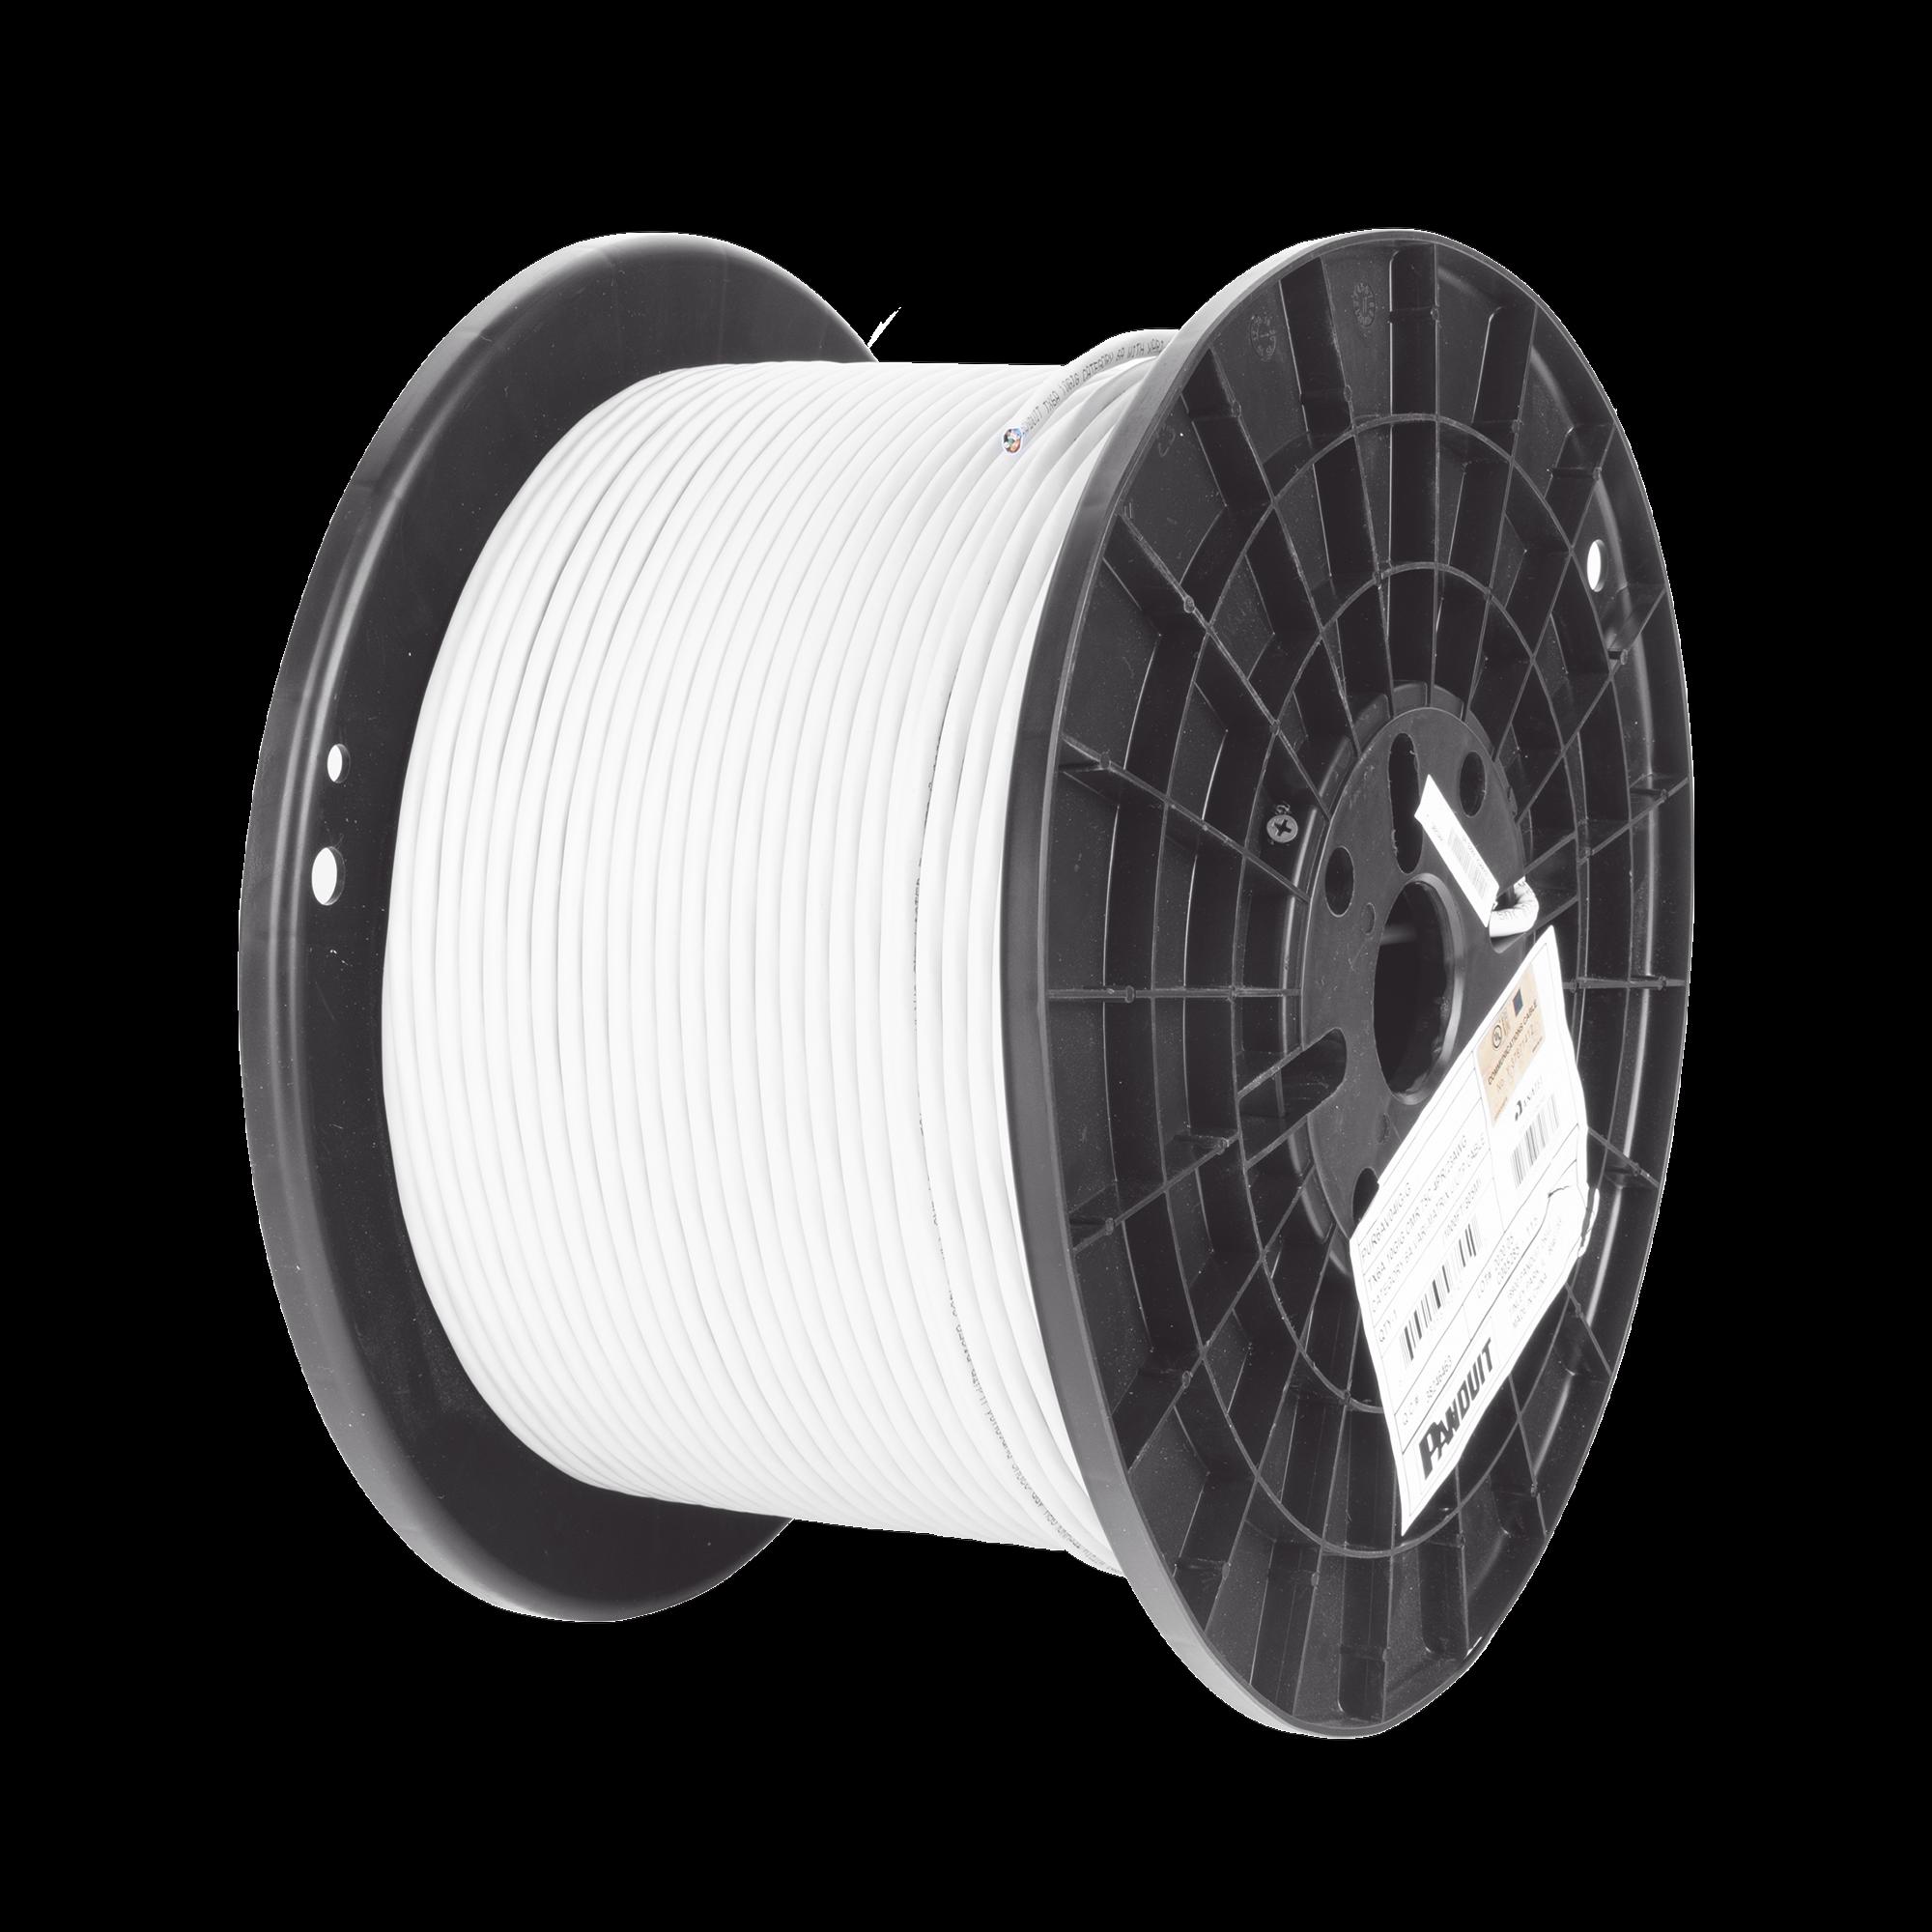 Bobina de Cable UTP de 4 Pares, Vari-MaTriX, Cat6A, 23 AWG, CMR (Riser), Color Gris, 305m